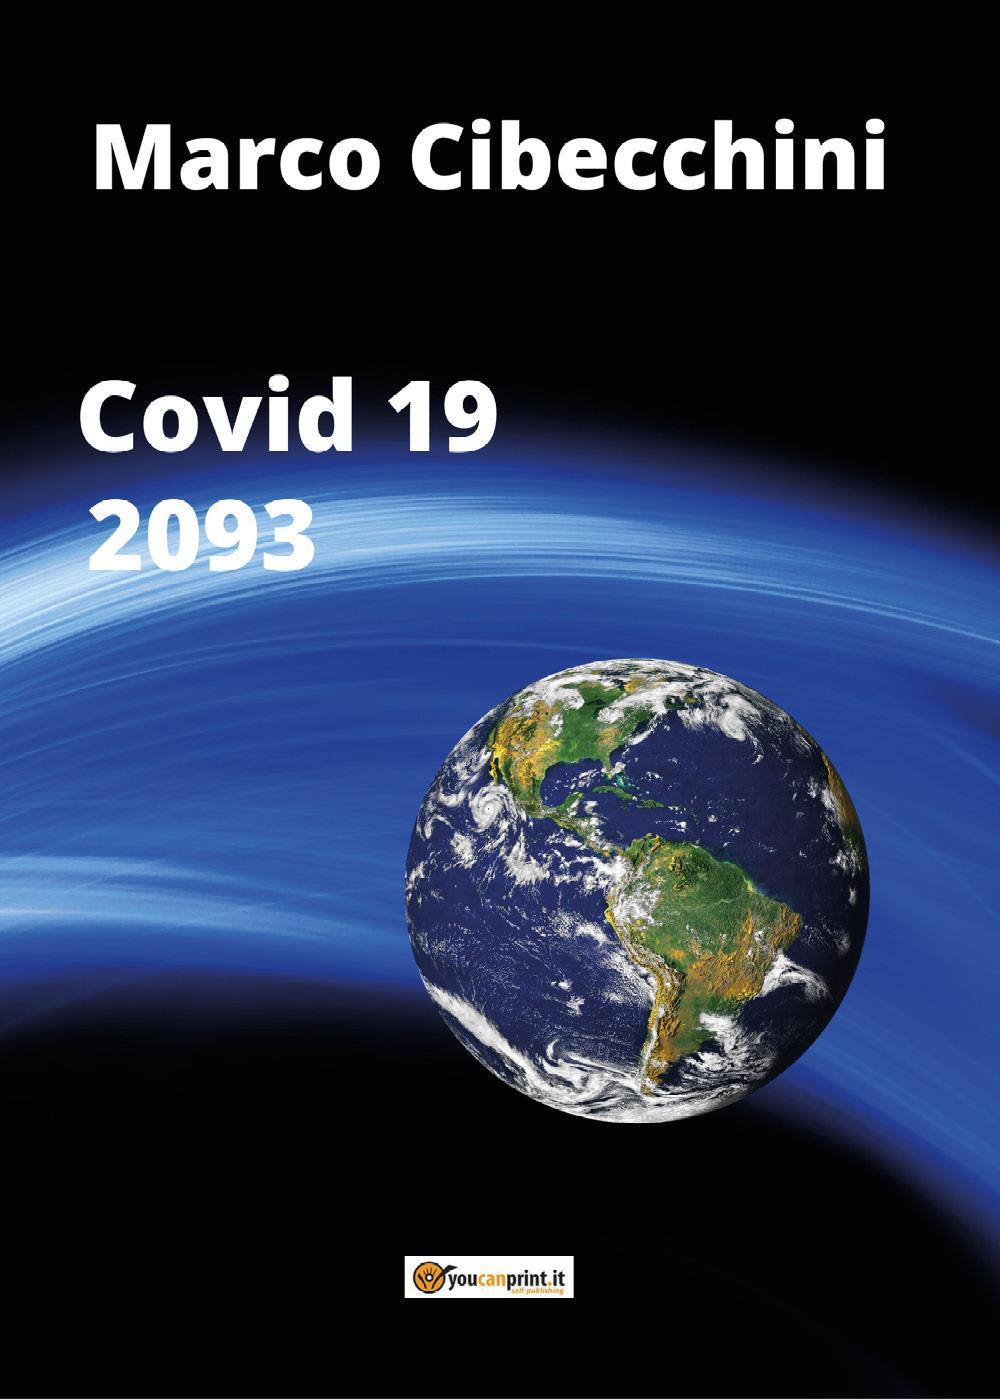 Covid 19 - 2093